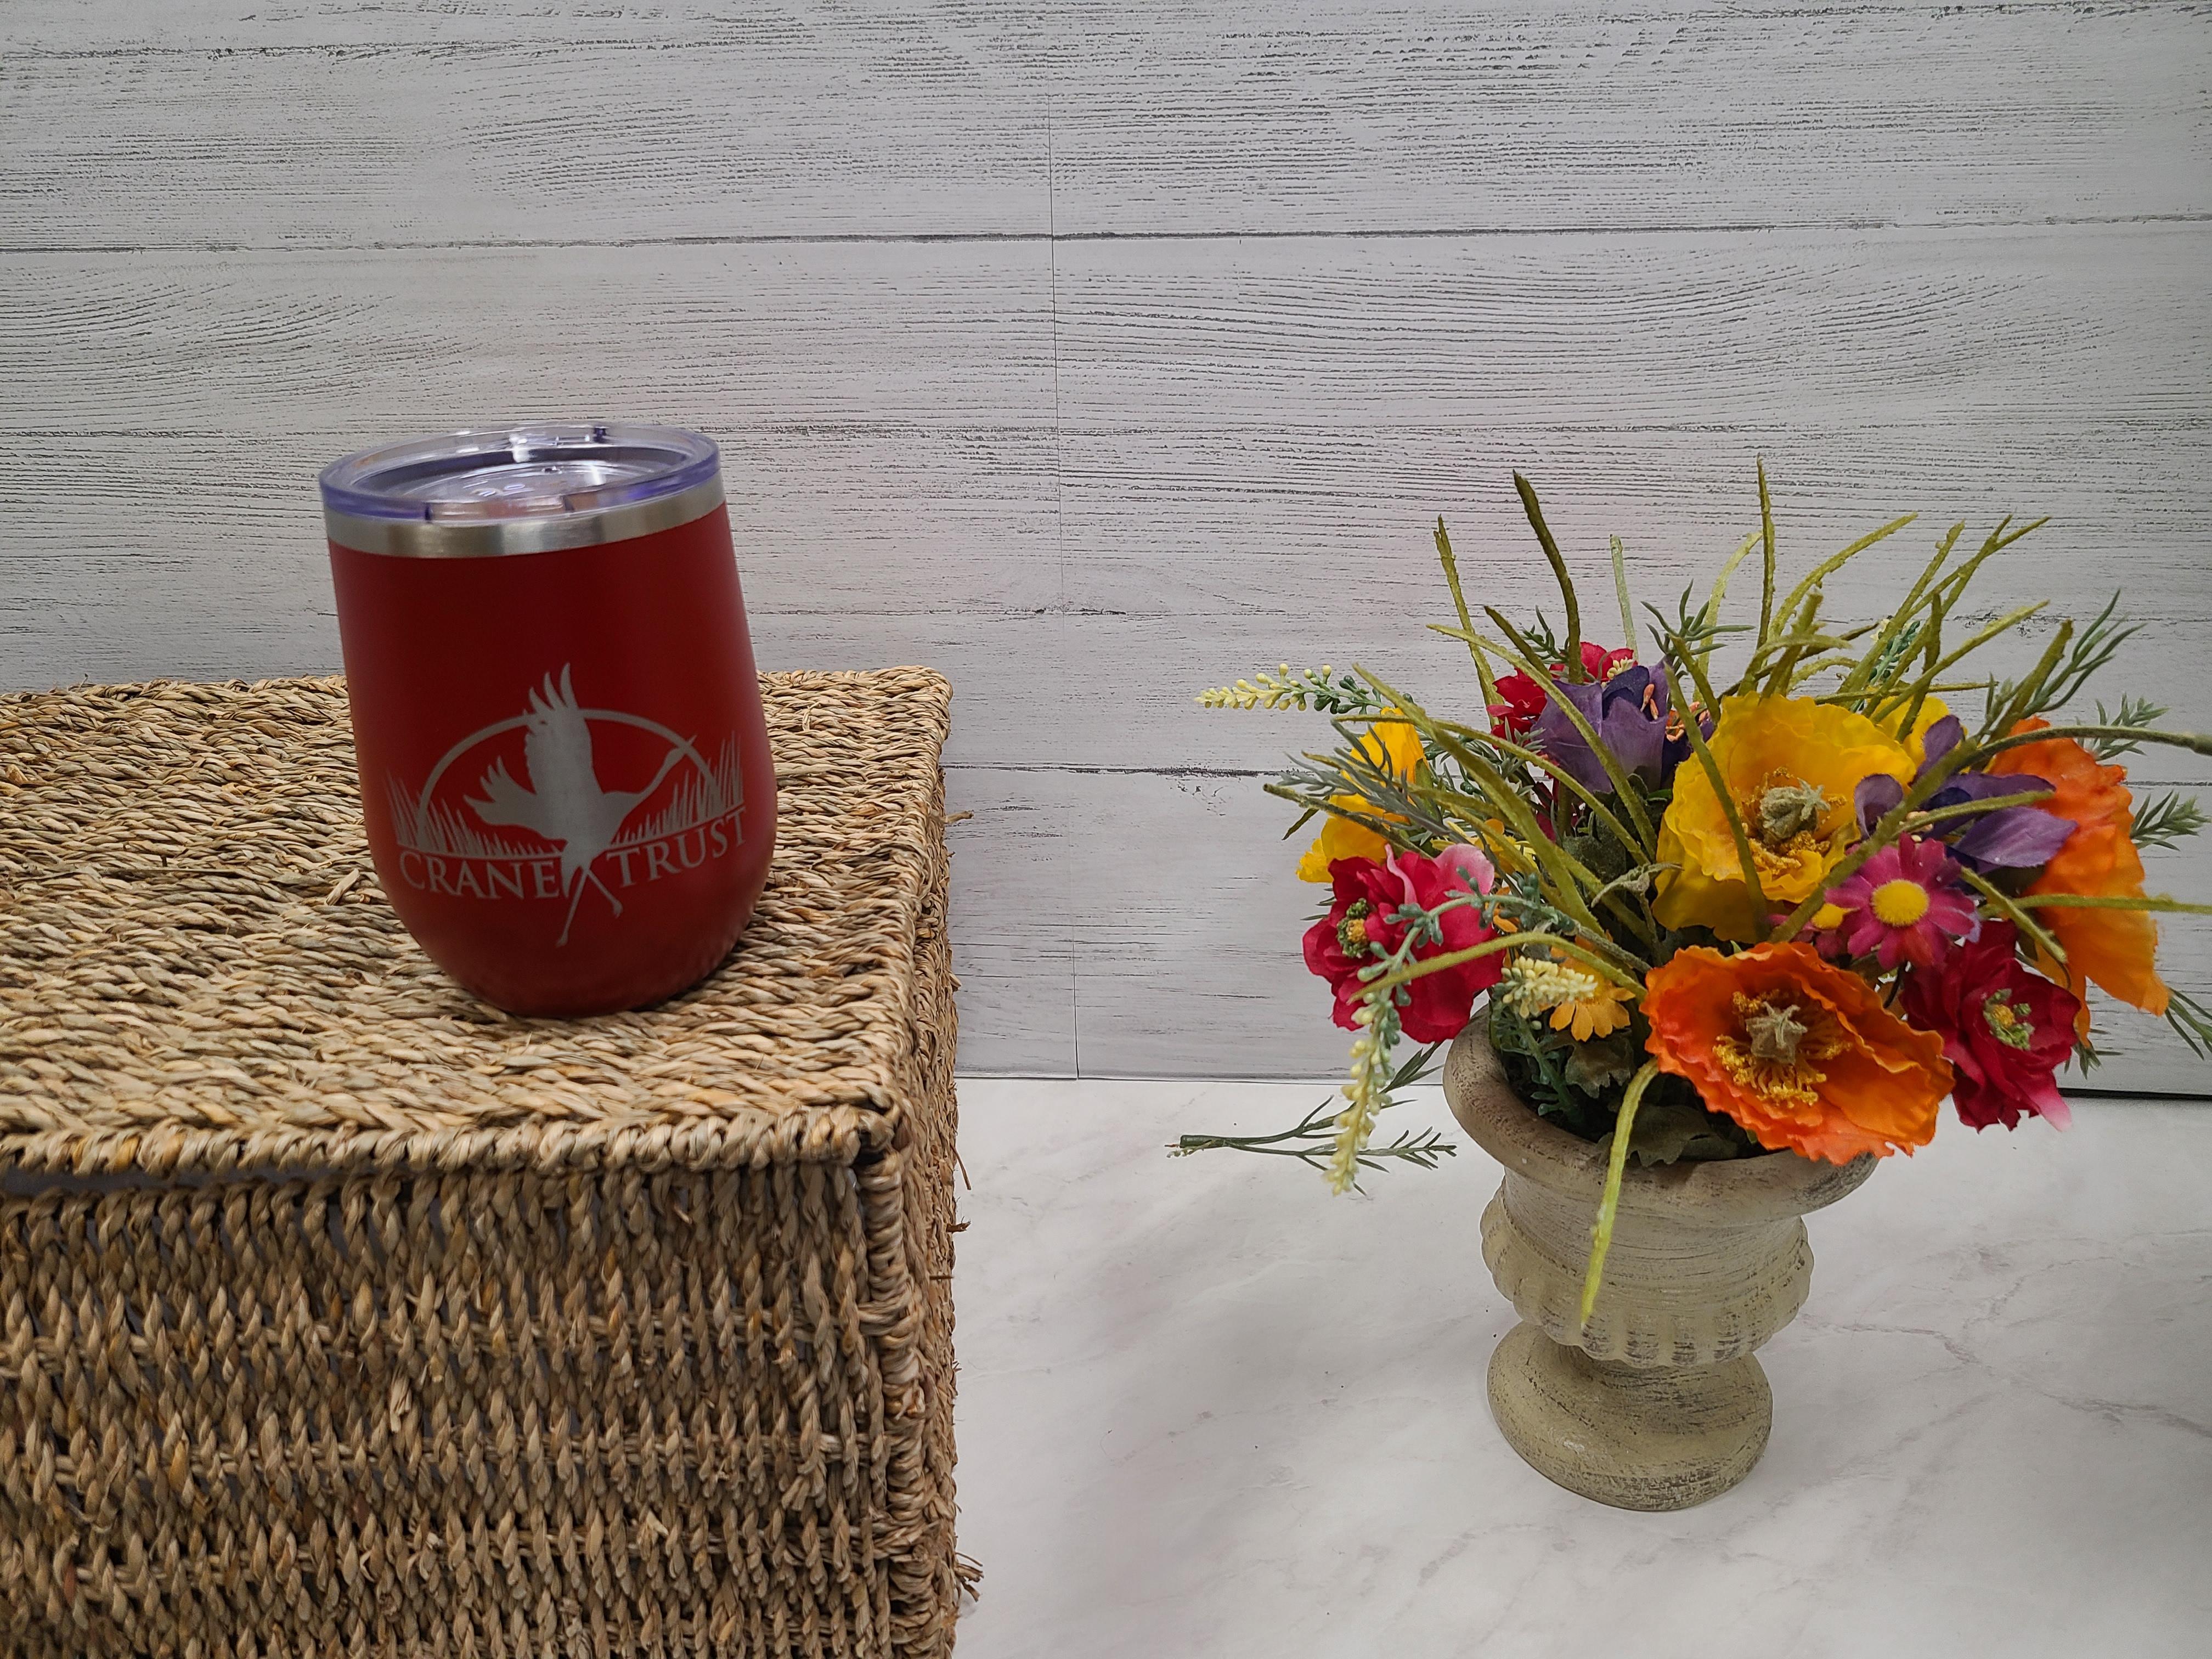 Red 12 oz Travel Mug with Crane Trust Logo